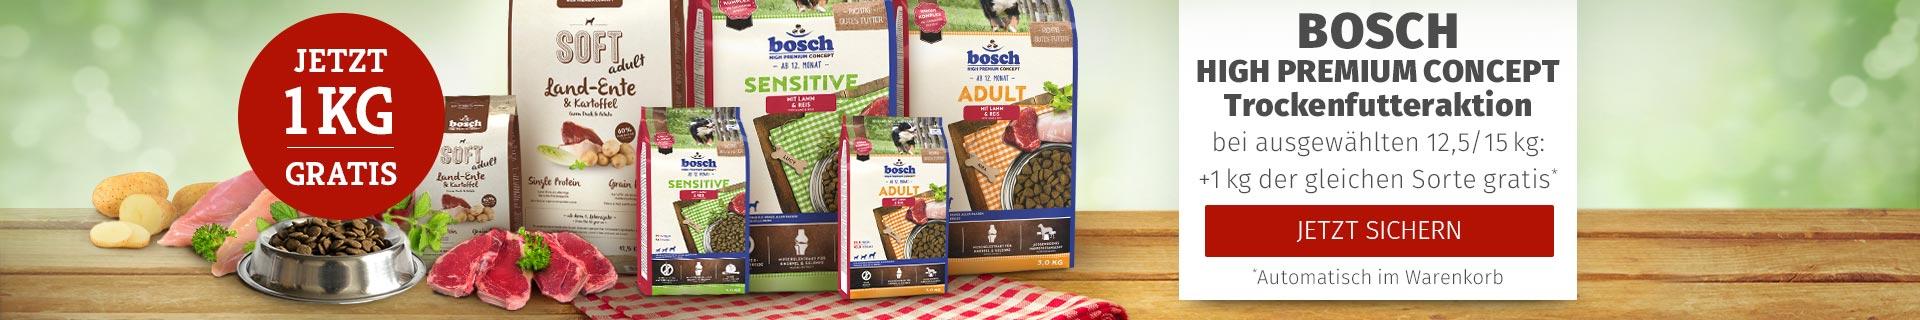 Bosch High Premium Concept Trockenfutteraktion